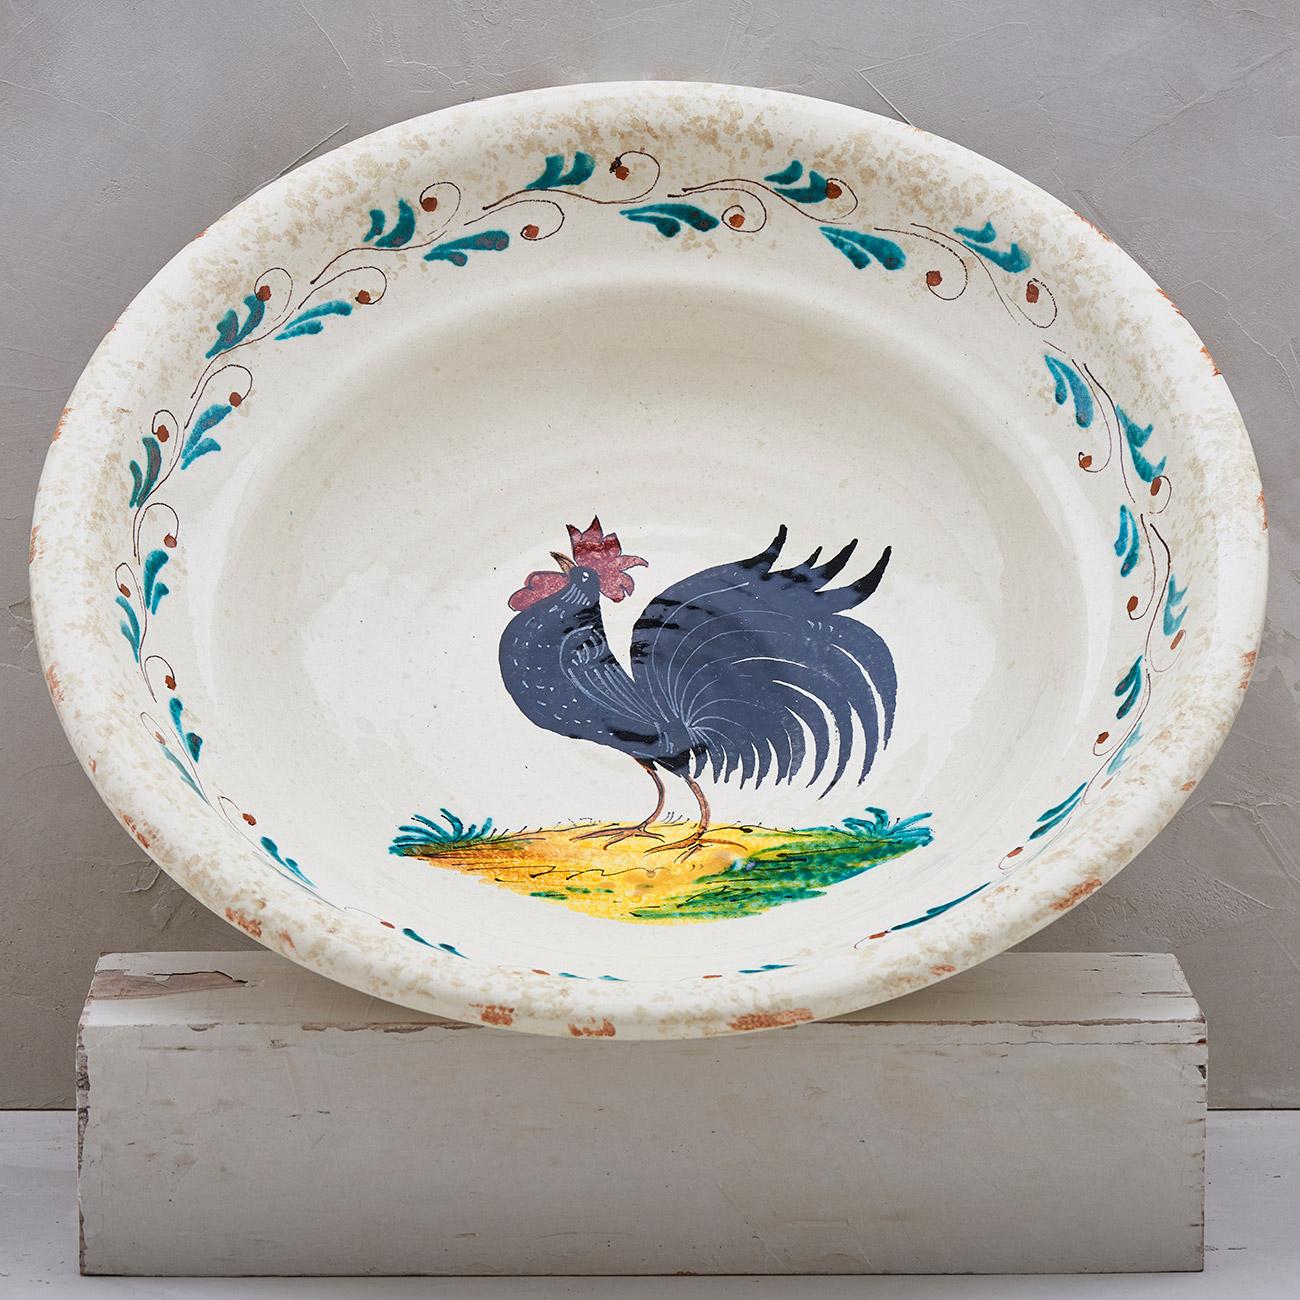 Black Rooster Bowl - 40 cm 1